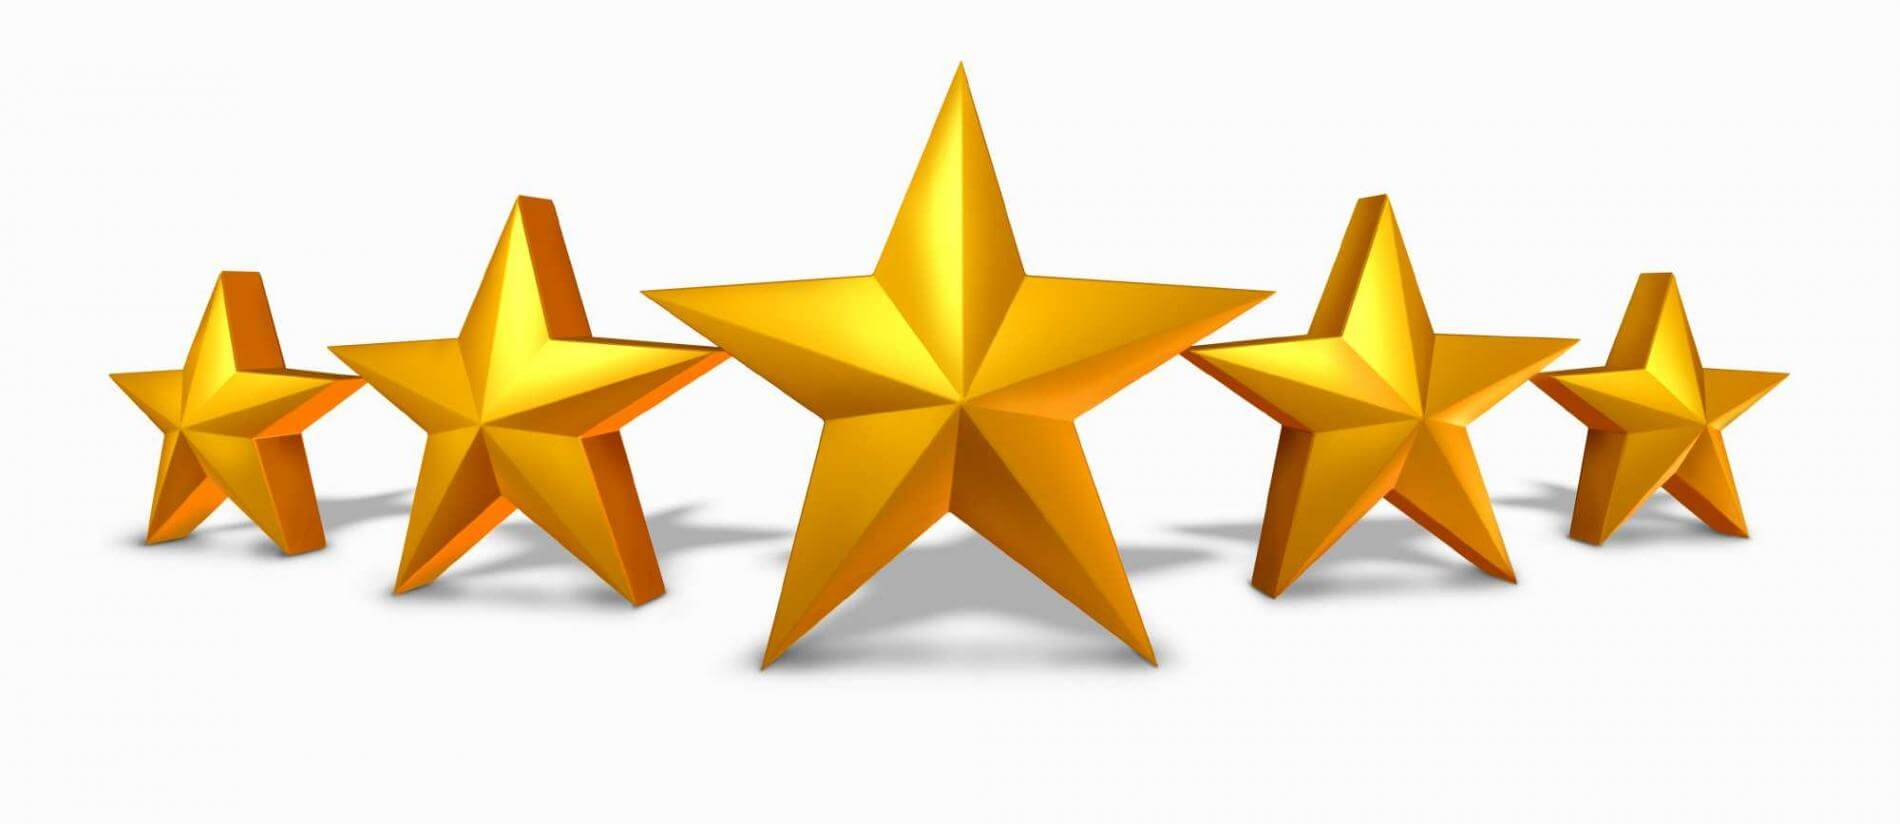 חמישה כוכבים - ביקורת בונה בגוגל לעסק שלי